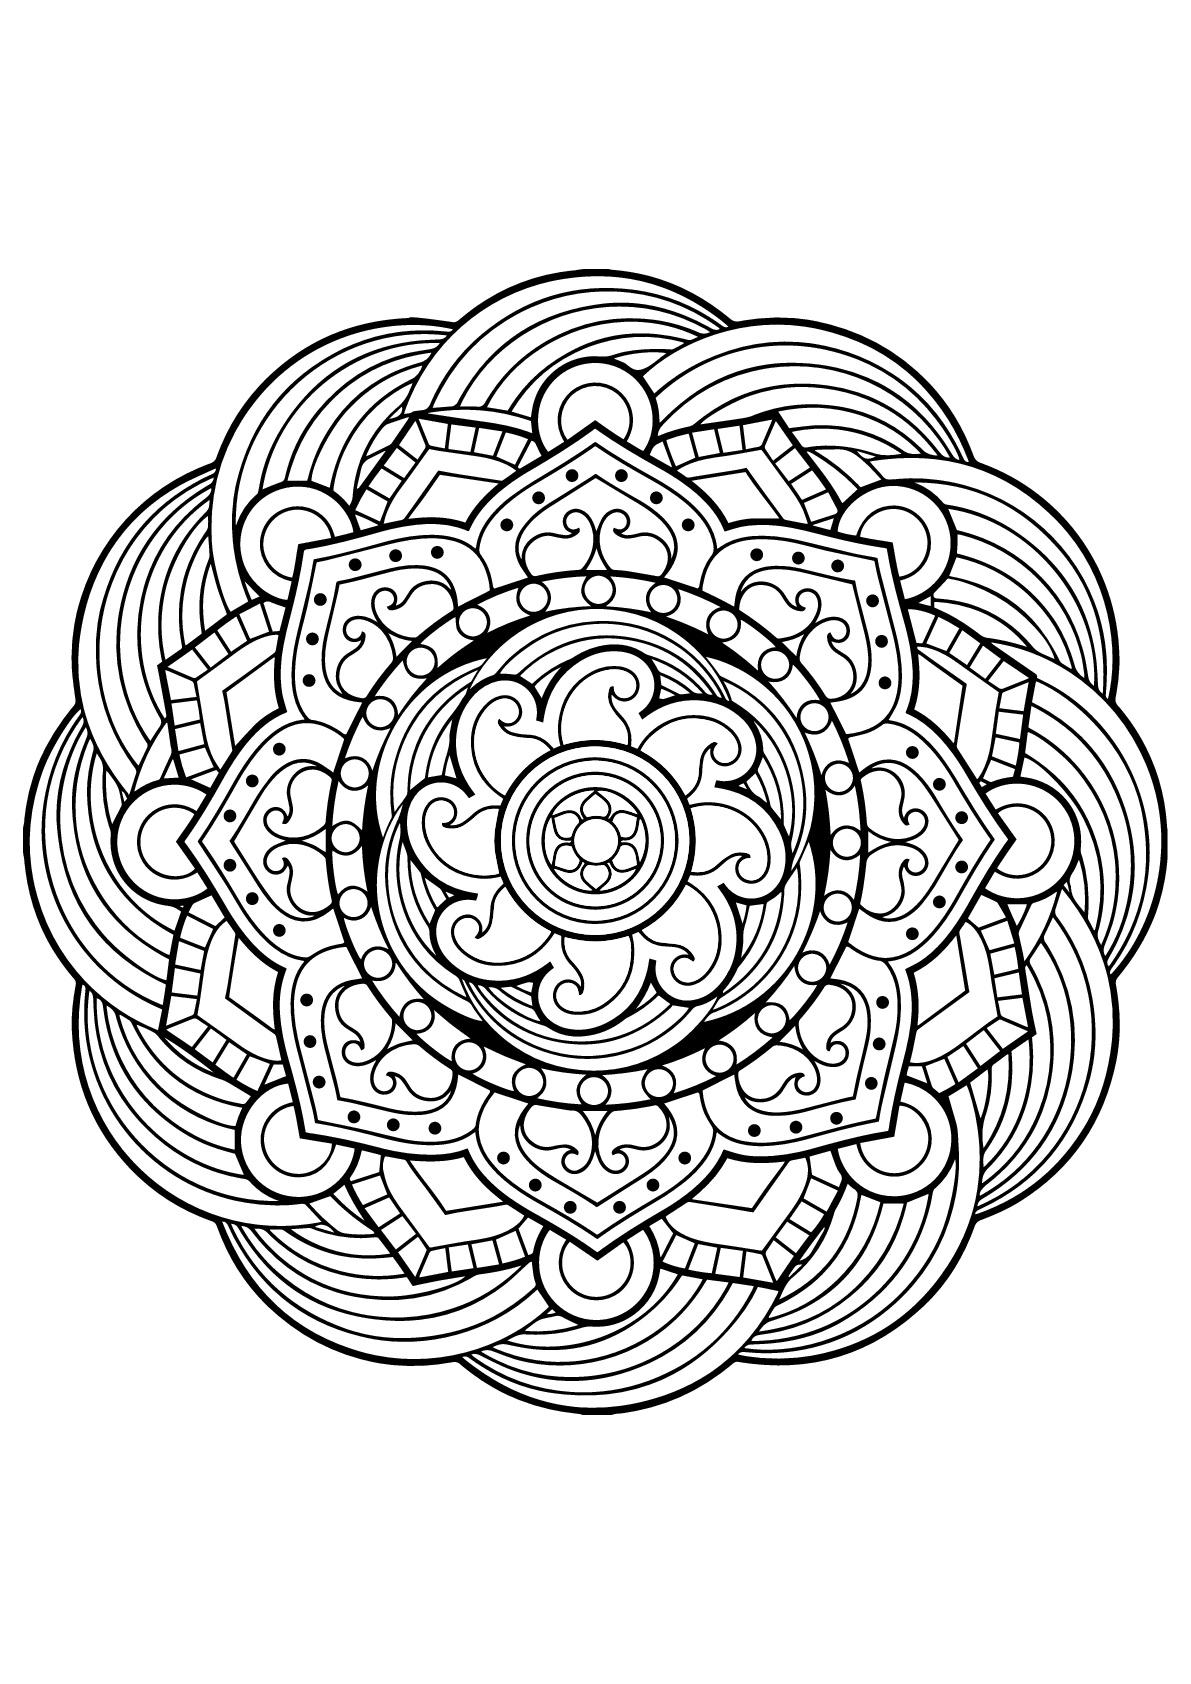 Mandala Livre Gratuit 5 Mandalas Coloriages Difficiles Pour Adultes